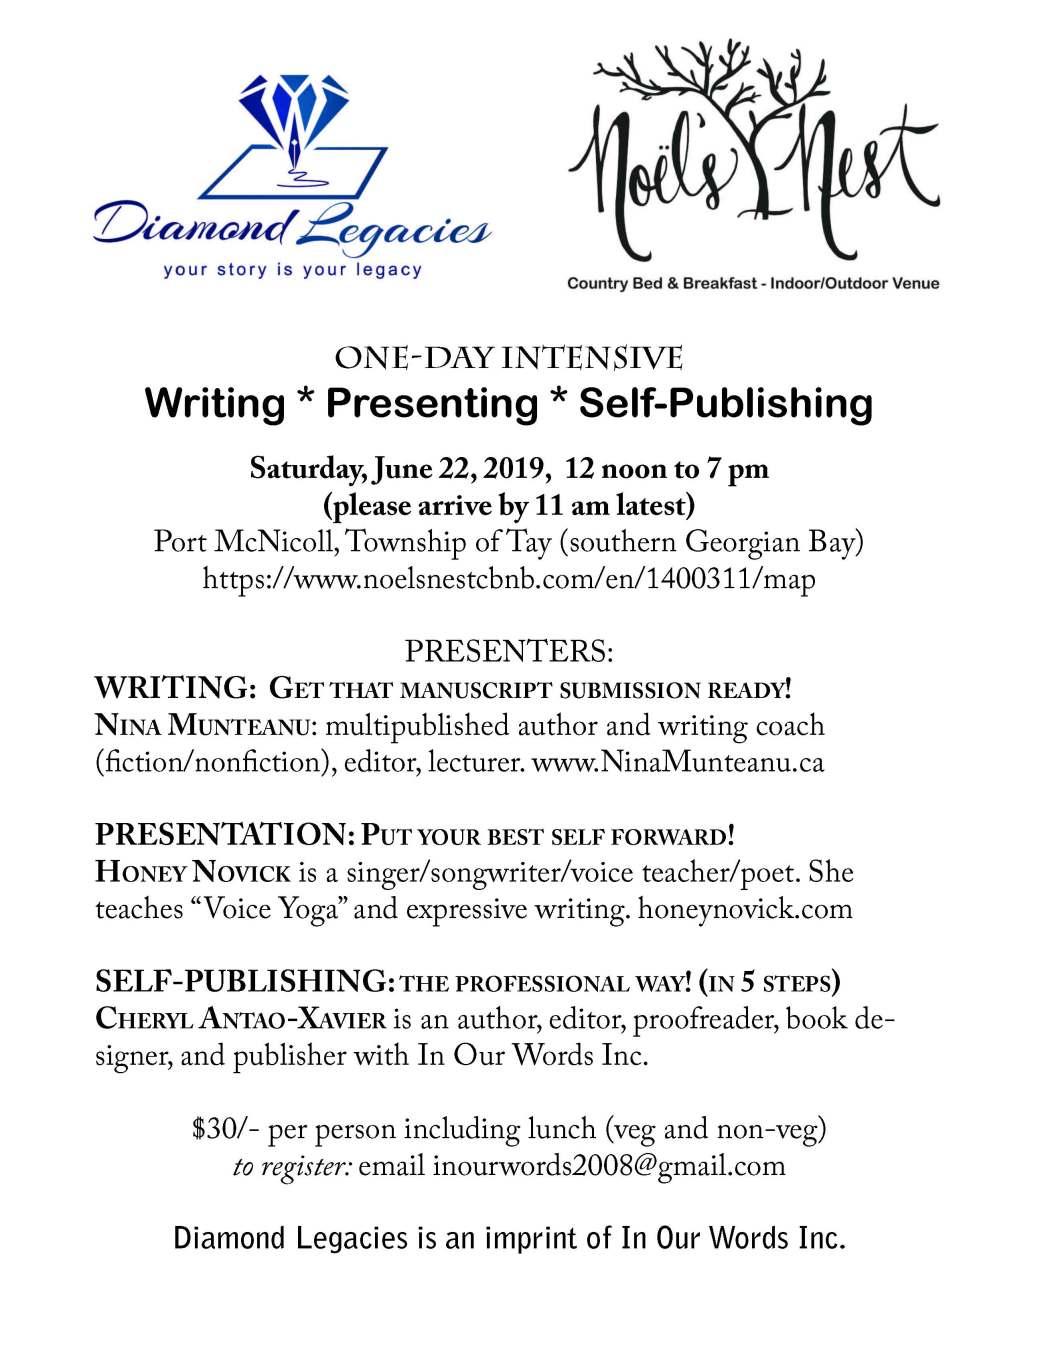 Writing intensive June 22, 2019